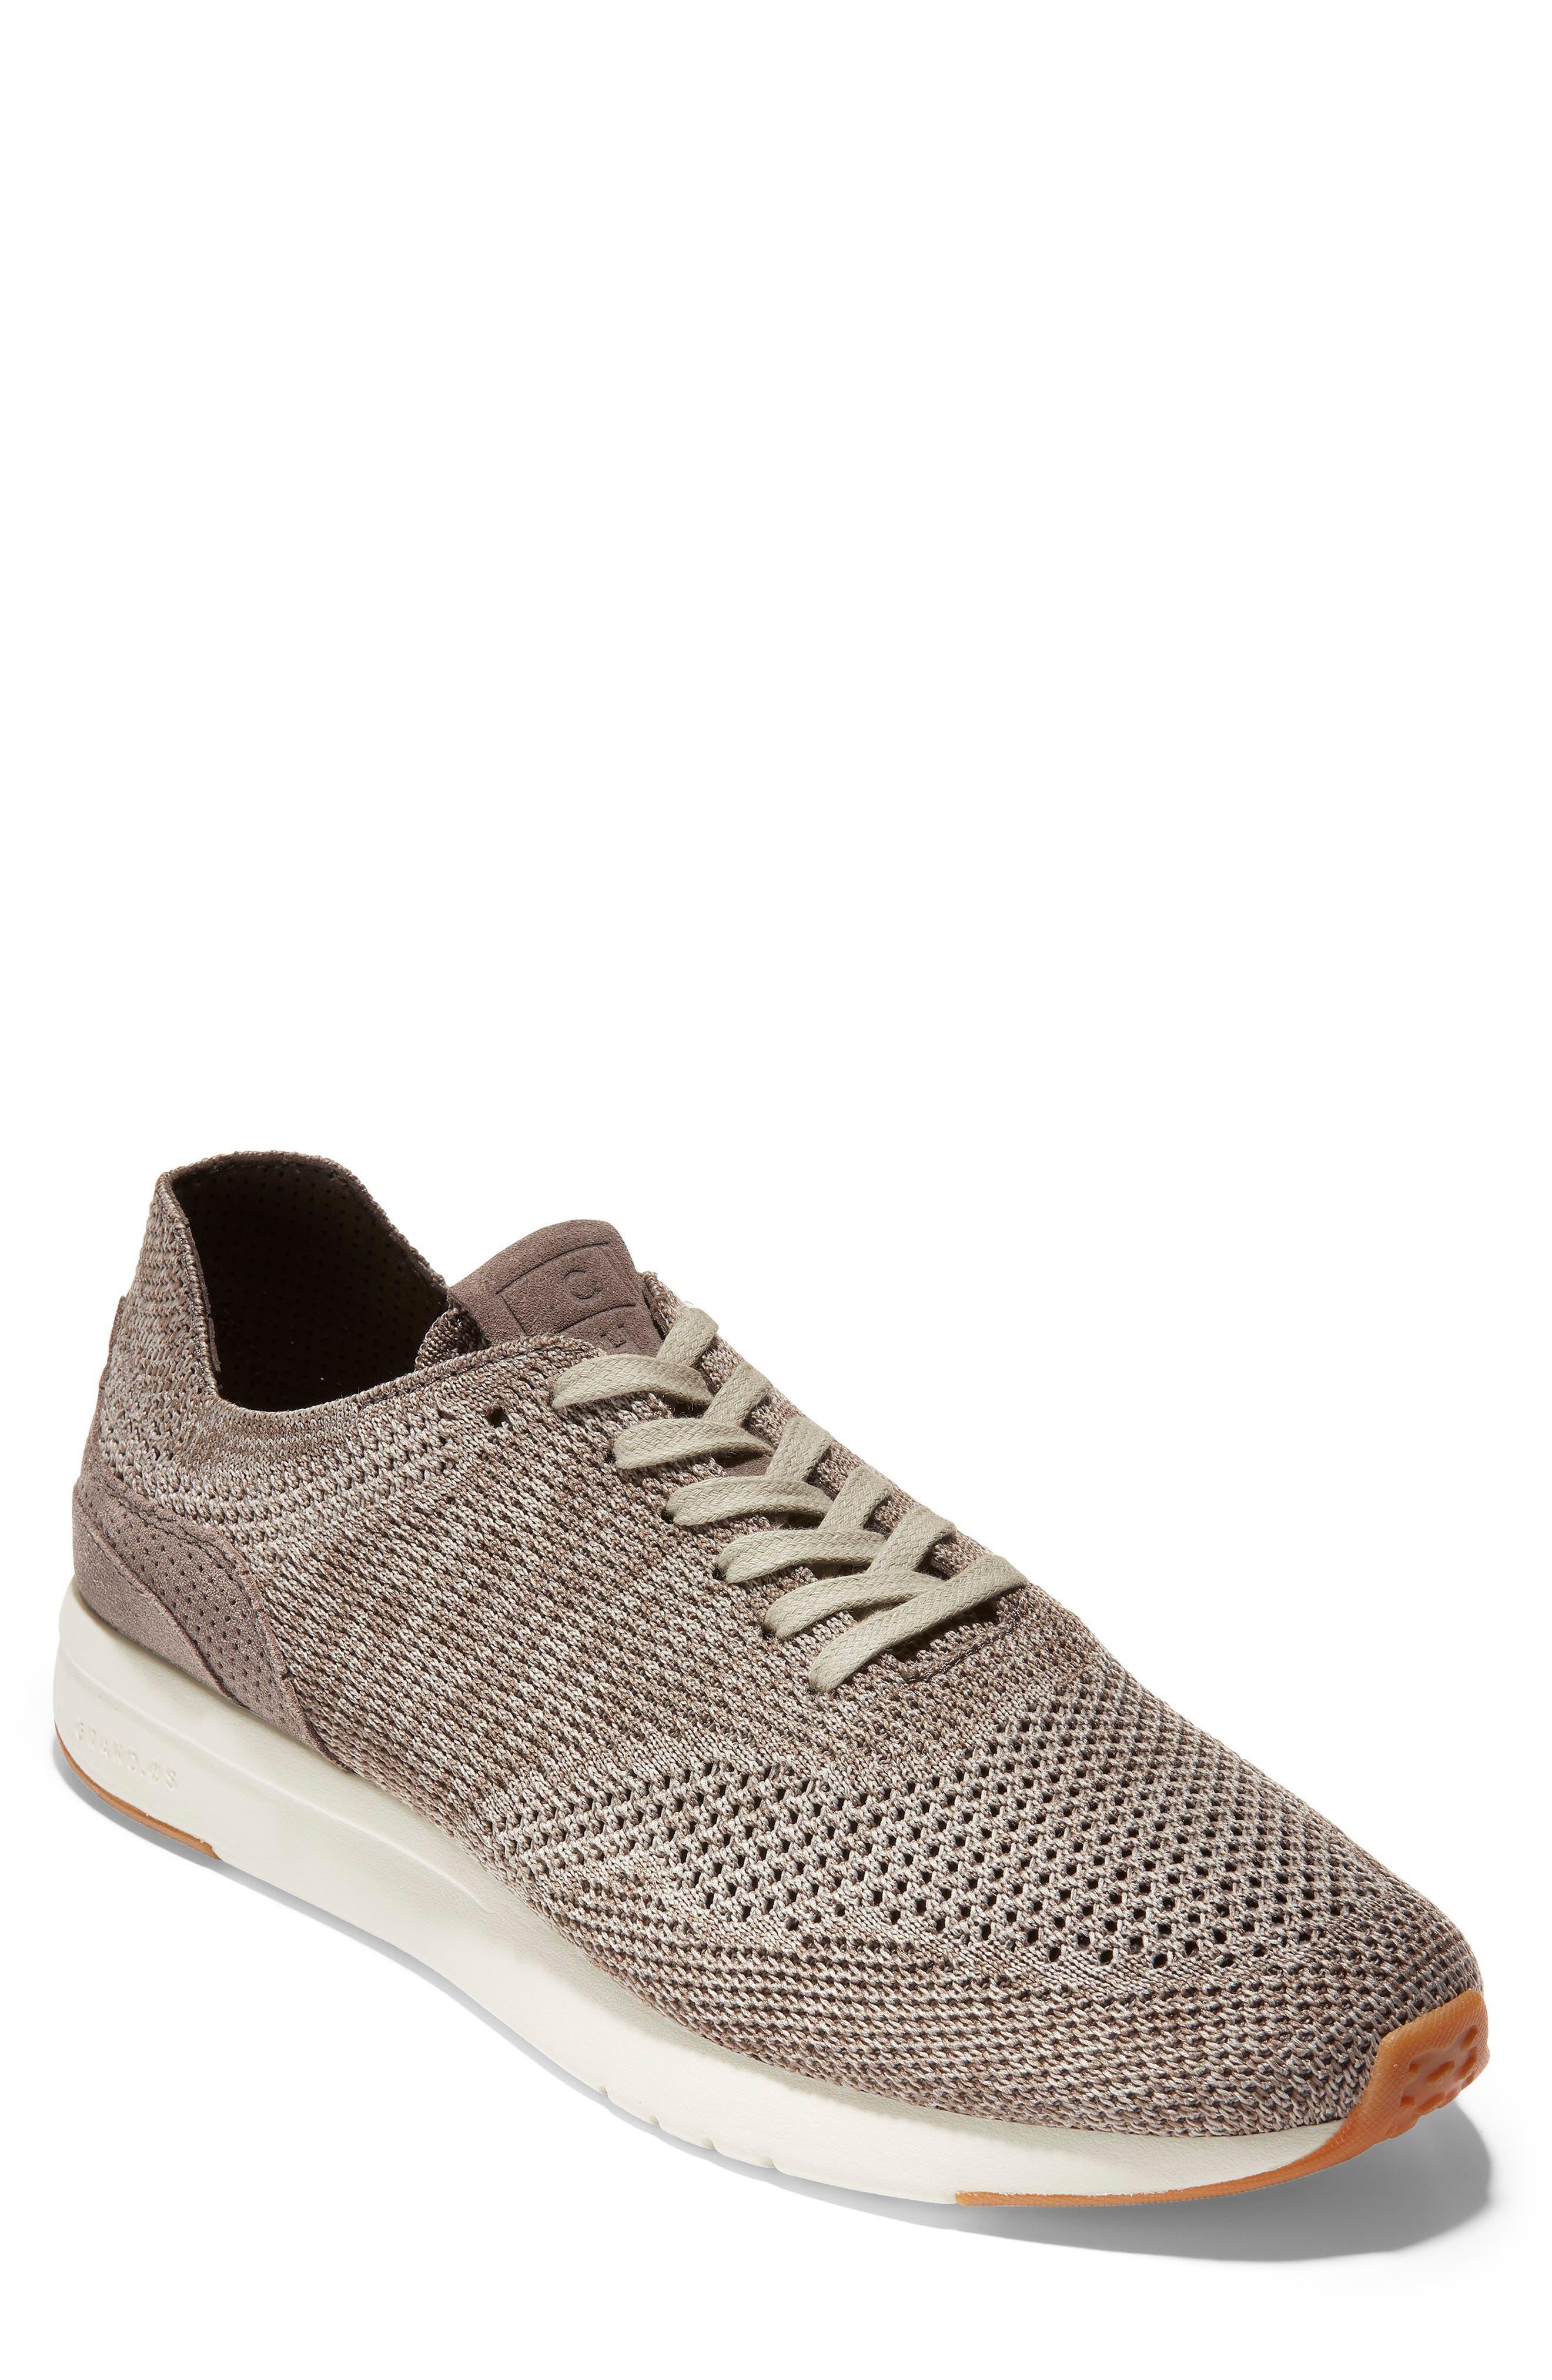 Cole Haan Grandpro Runner Stitchlite Sneaker- Beige